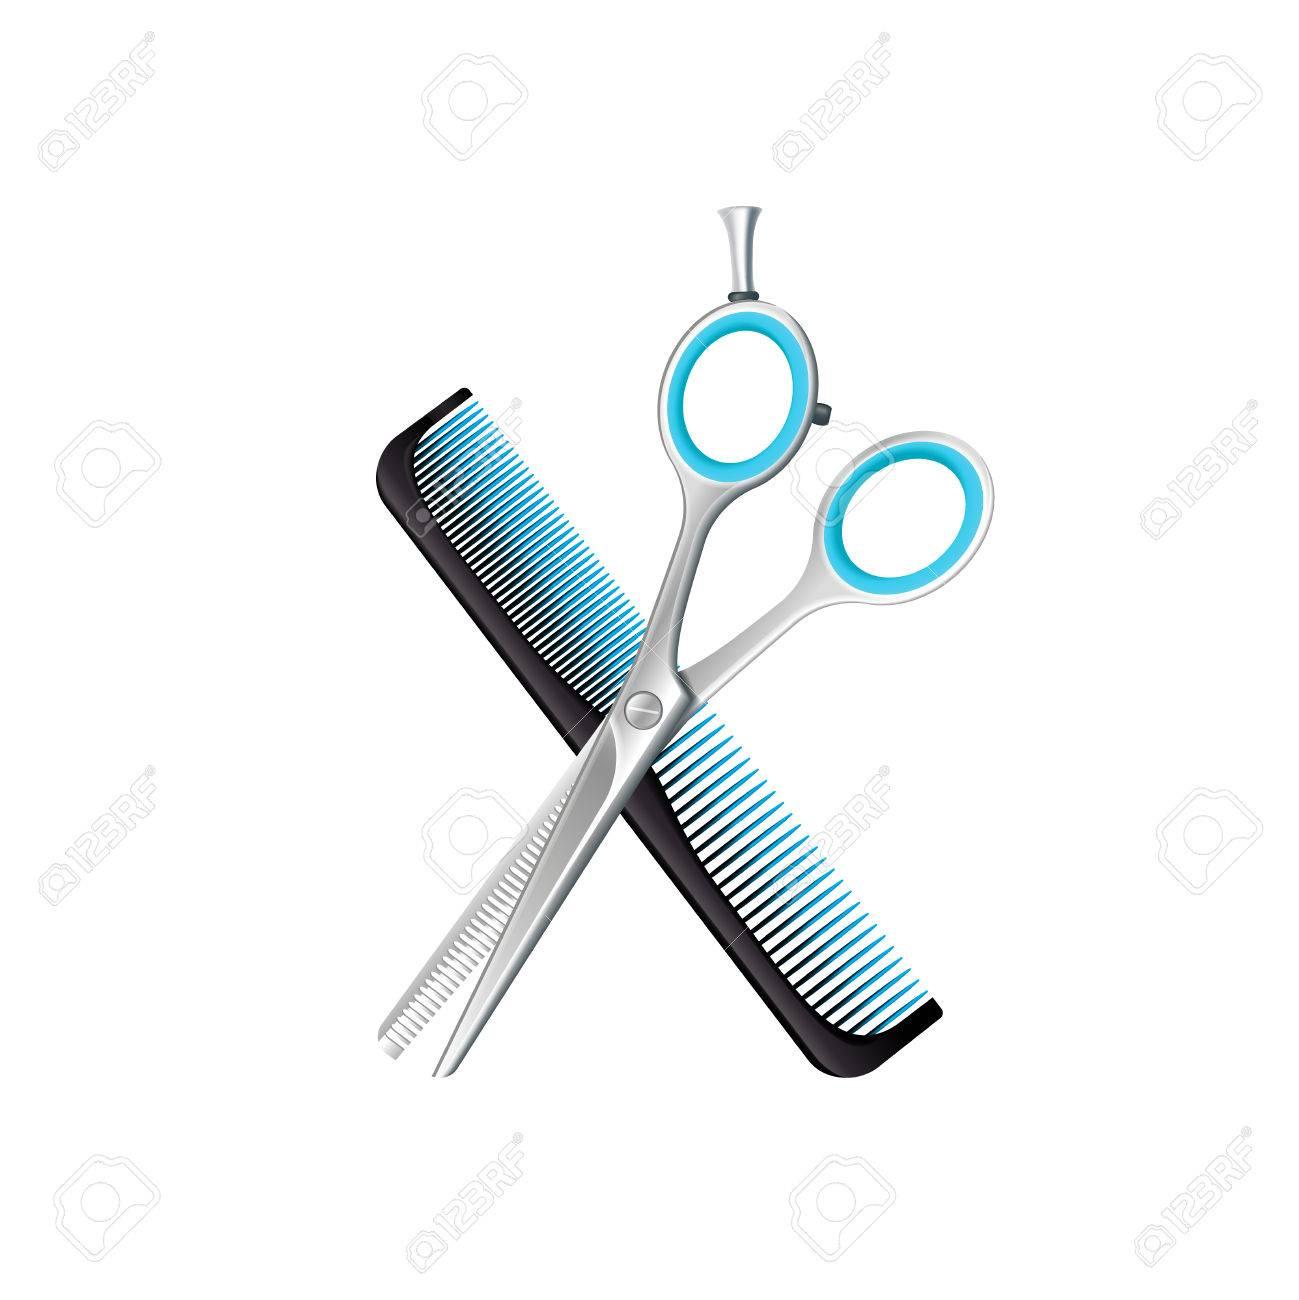 c3b07d464c961 Composición de cruz negro peine y tijeras para adelgazamiento con elementos  azules sobre fondo blanco ilustración